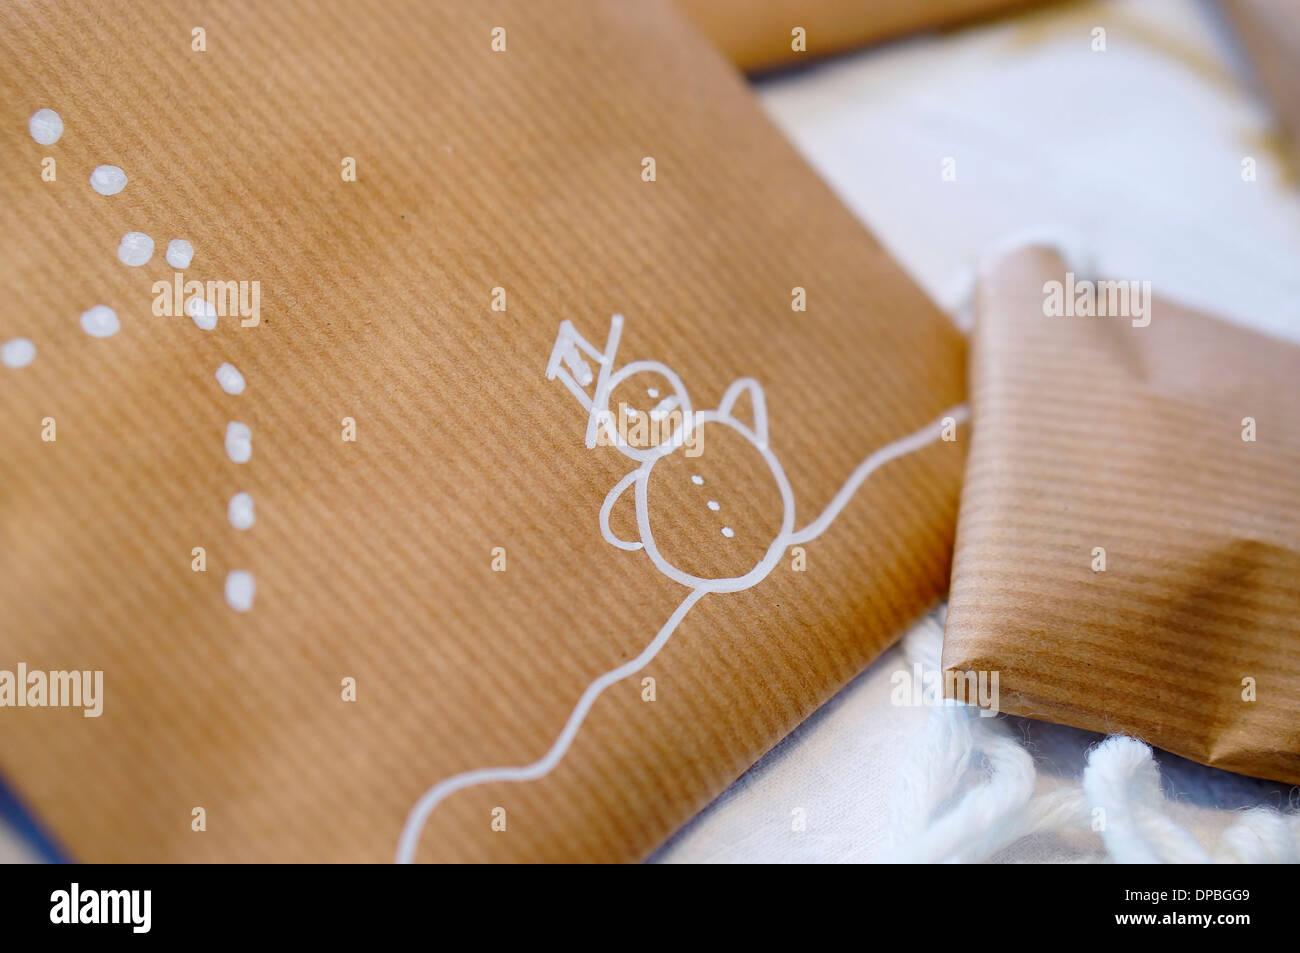 Detalle del calendario de Adviento hecho individual Imagen De Stock